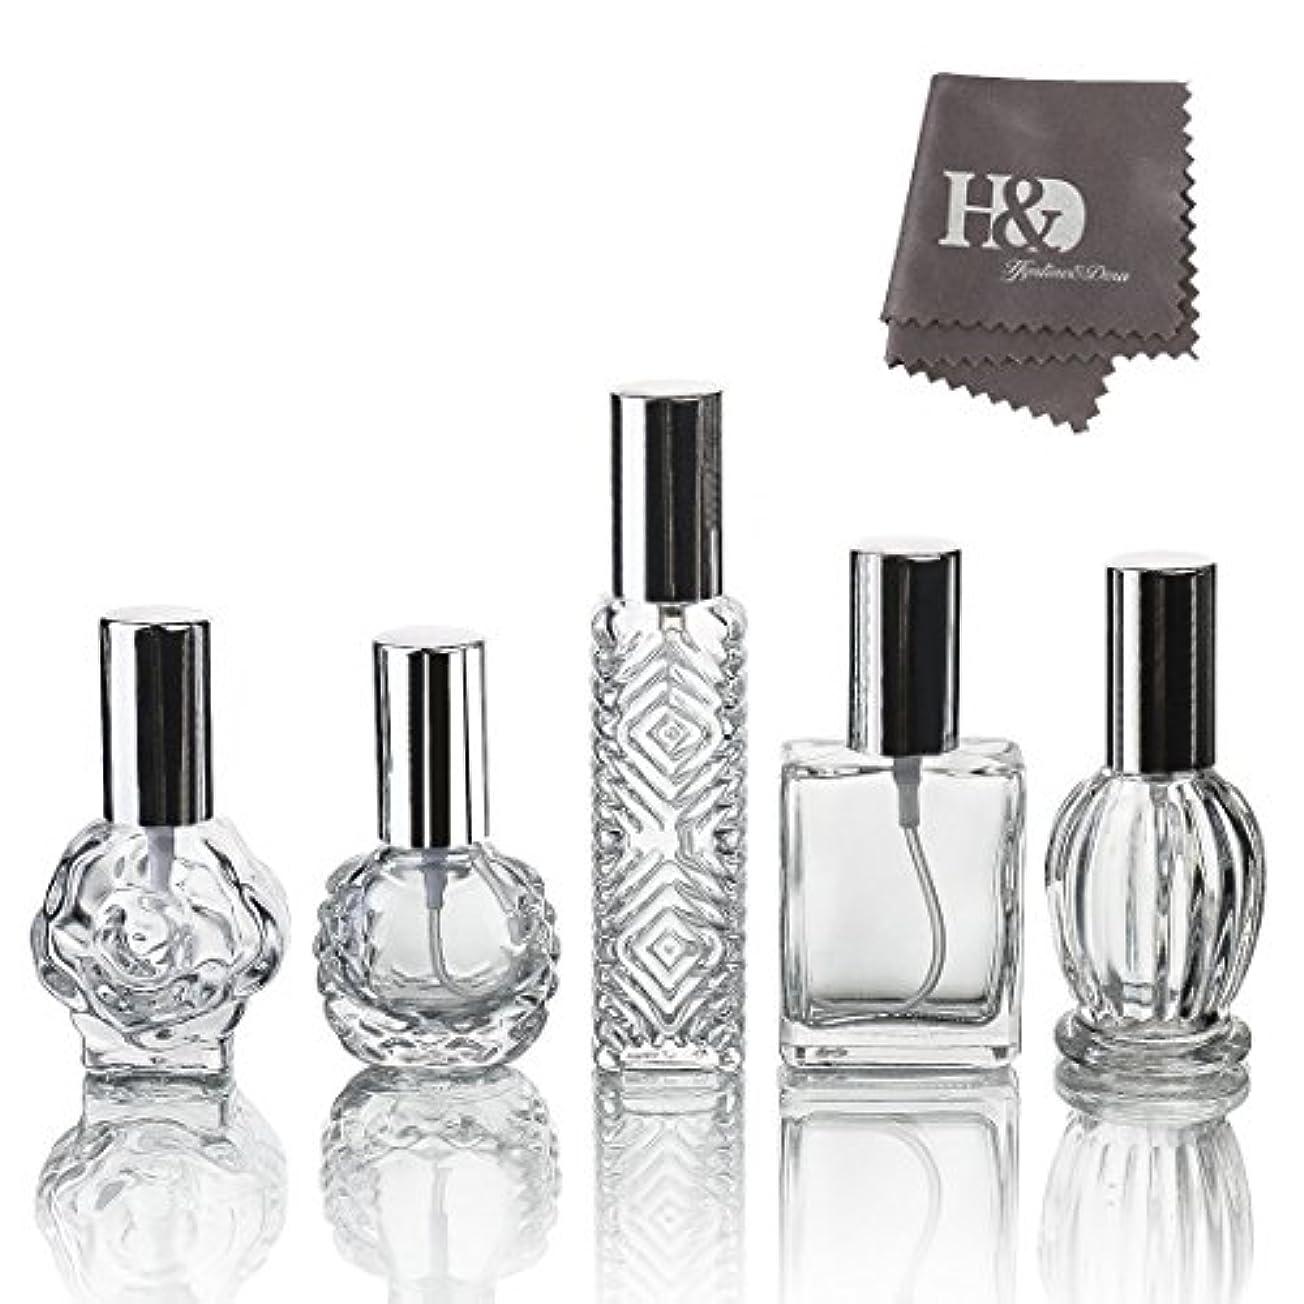 リビングルームパケット家畜H&D 5枚セット ガラスボトル 香水瓶 詰替用瓶 分け瓶 旅行用品 化粧水用瓶 装飾雑貨 ガラス製 (2)